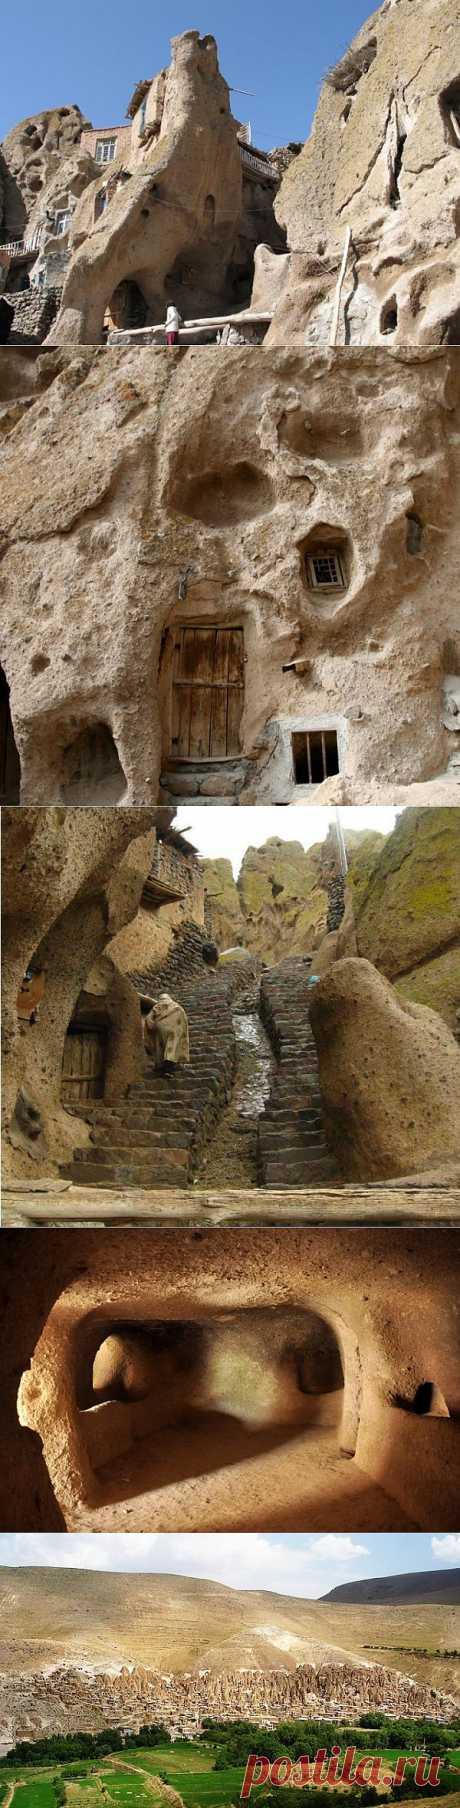 Деревня, вырезанная в скалах. Иран | ТУРИЗМ И ОТДЫХ